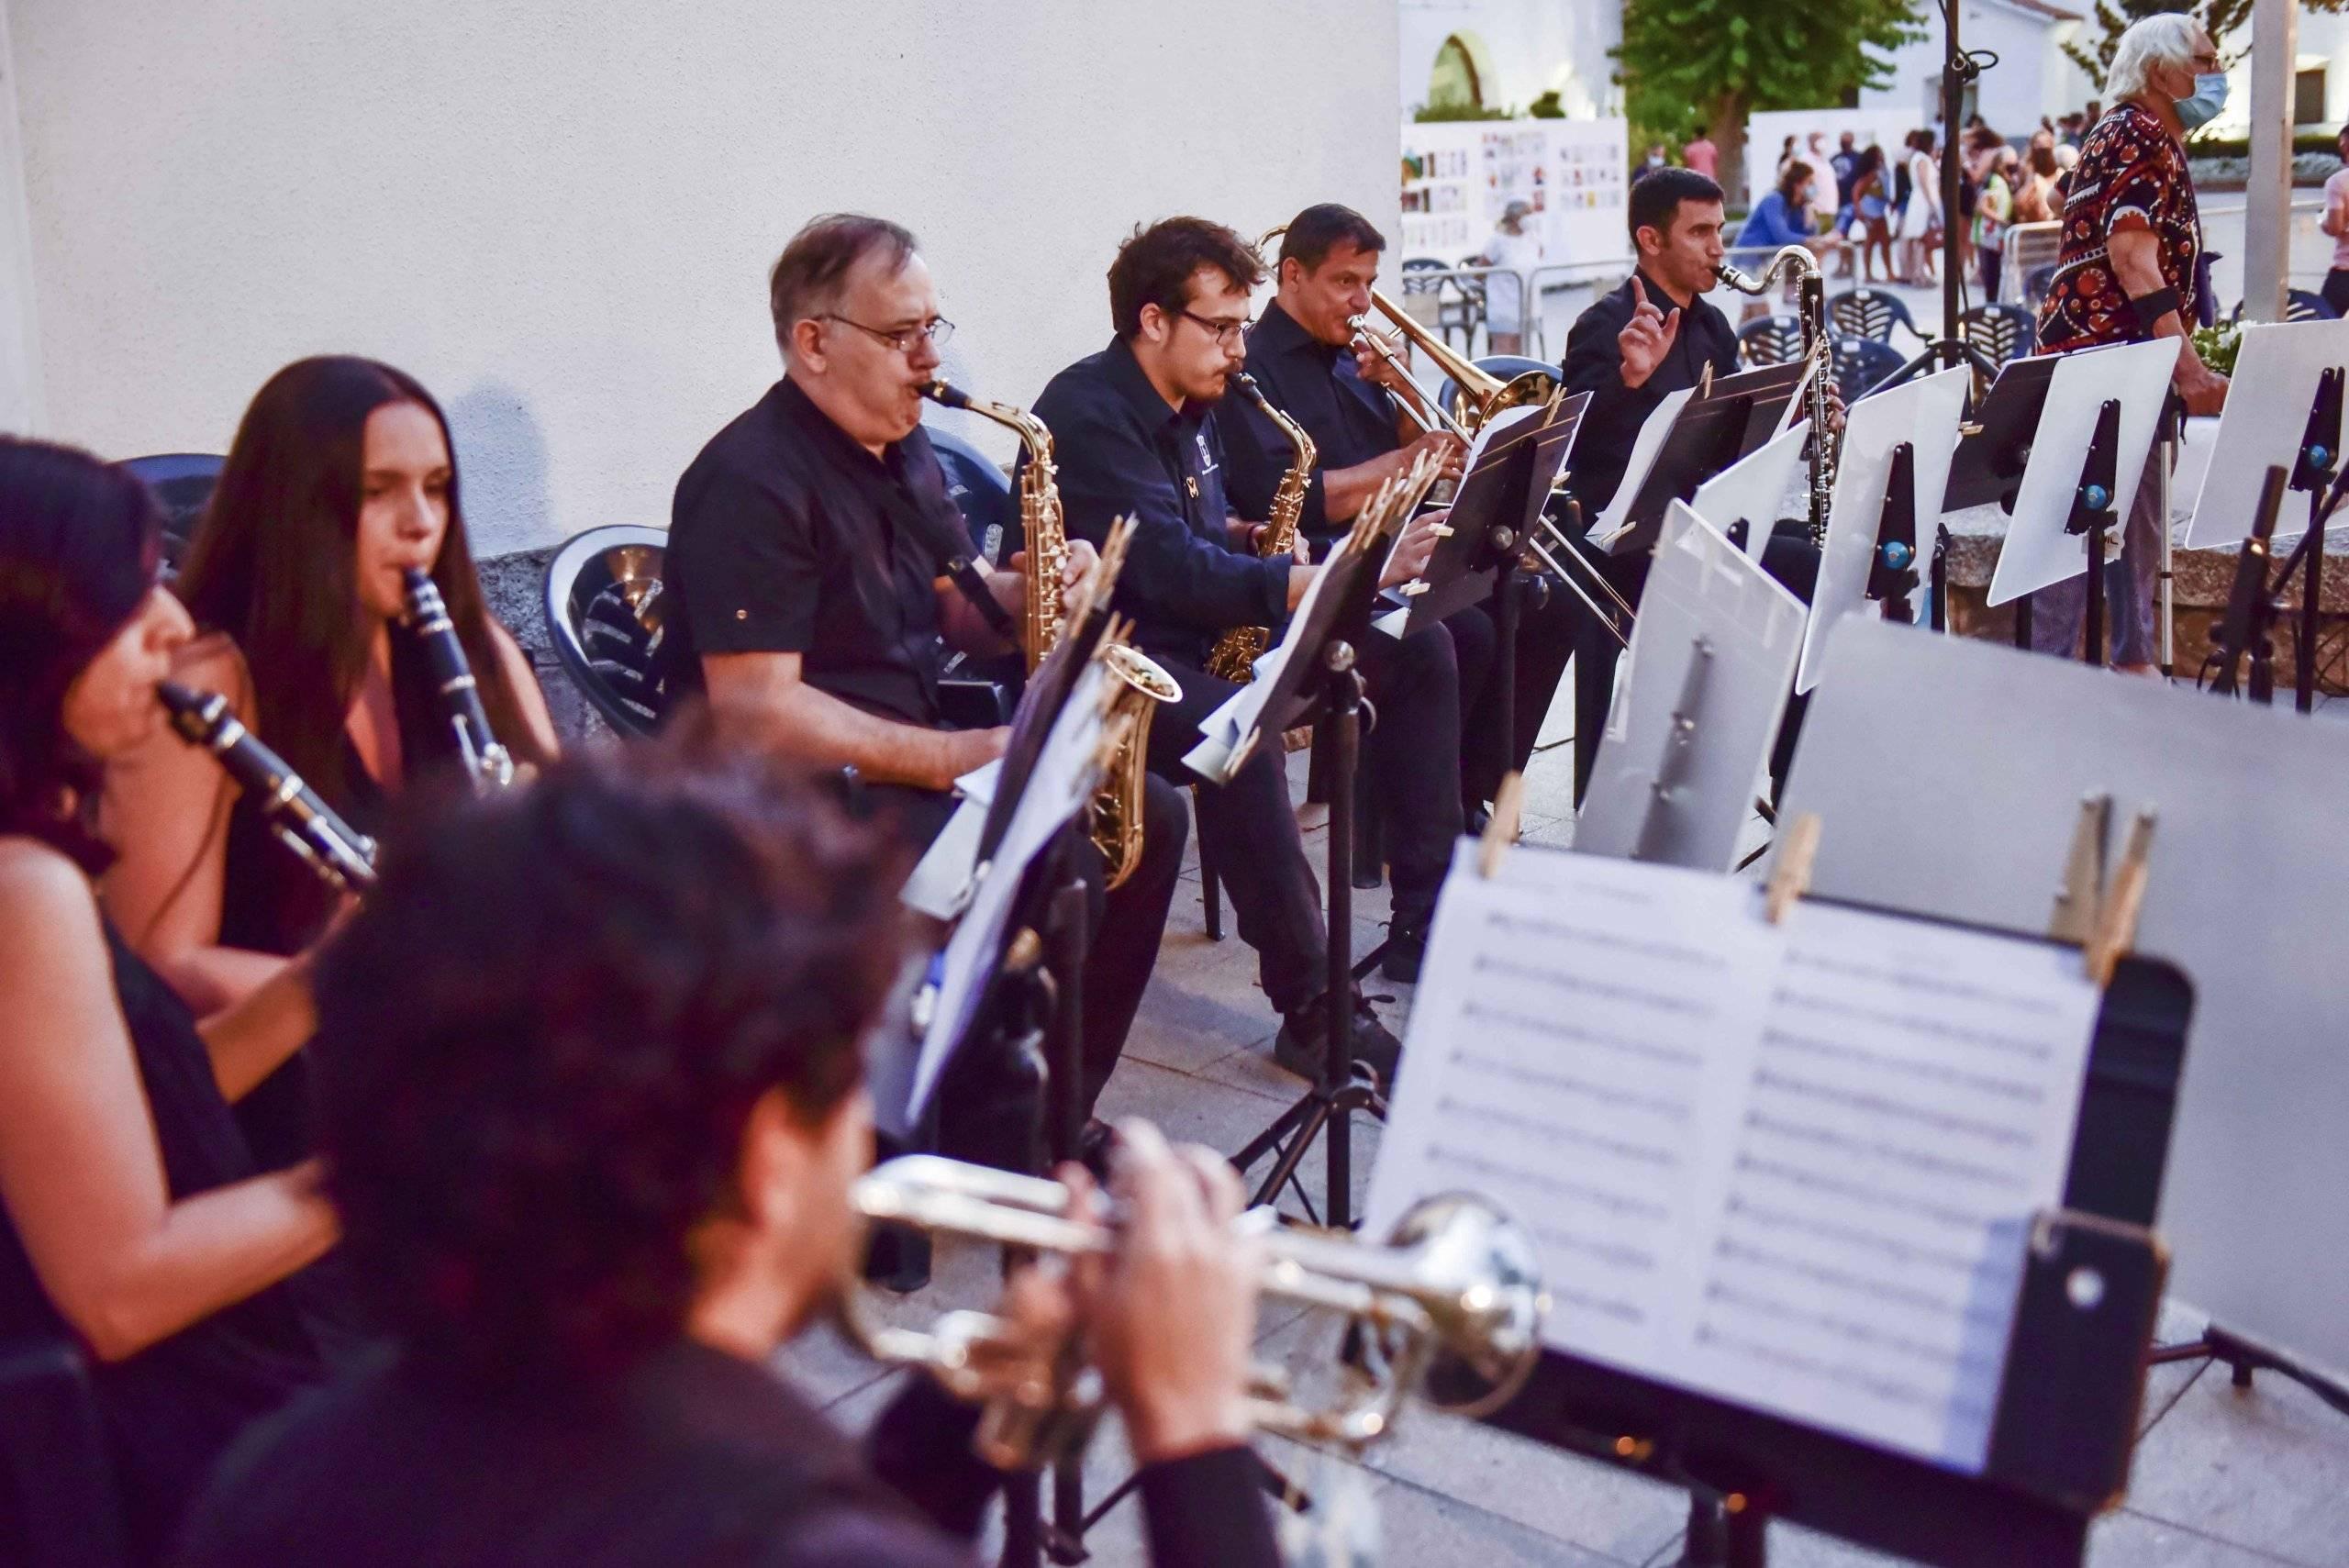 Agrupación de profesores y alumnos y profesores de la Escuela Municipal de Música y Danza interpretando distintas obras musicales.